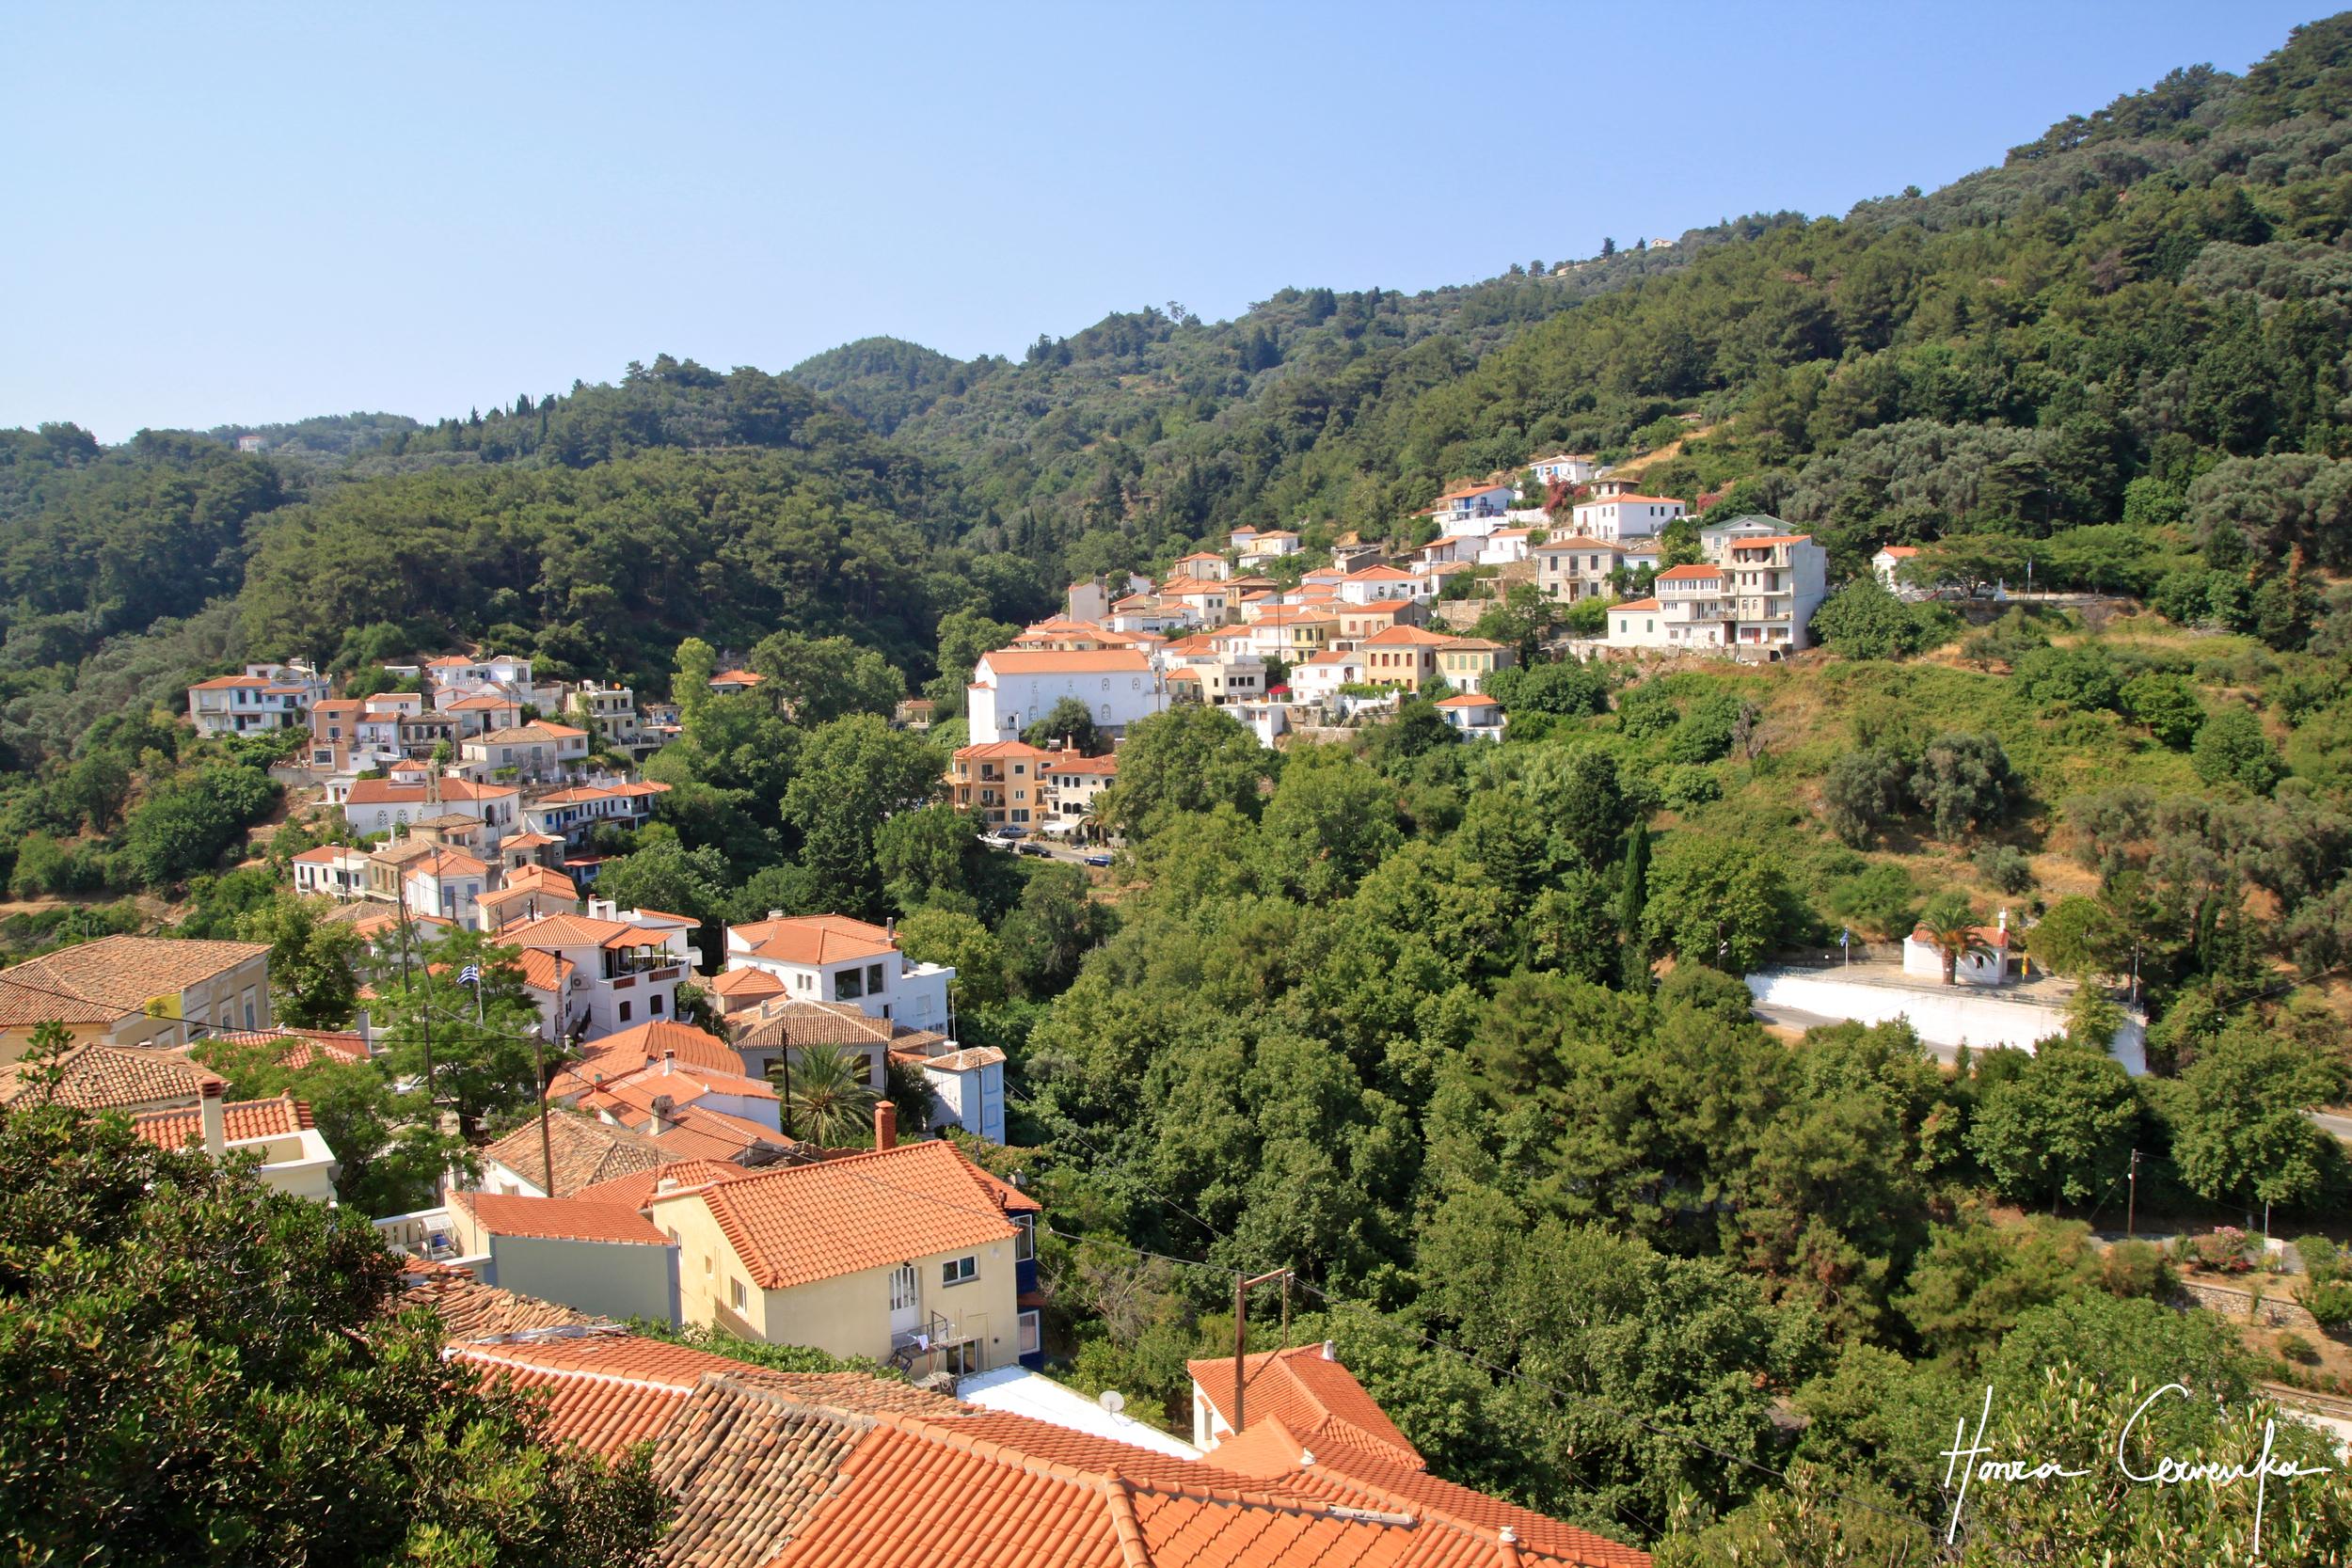 Little satellite villages further inland